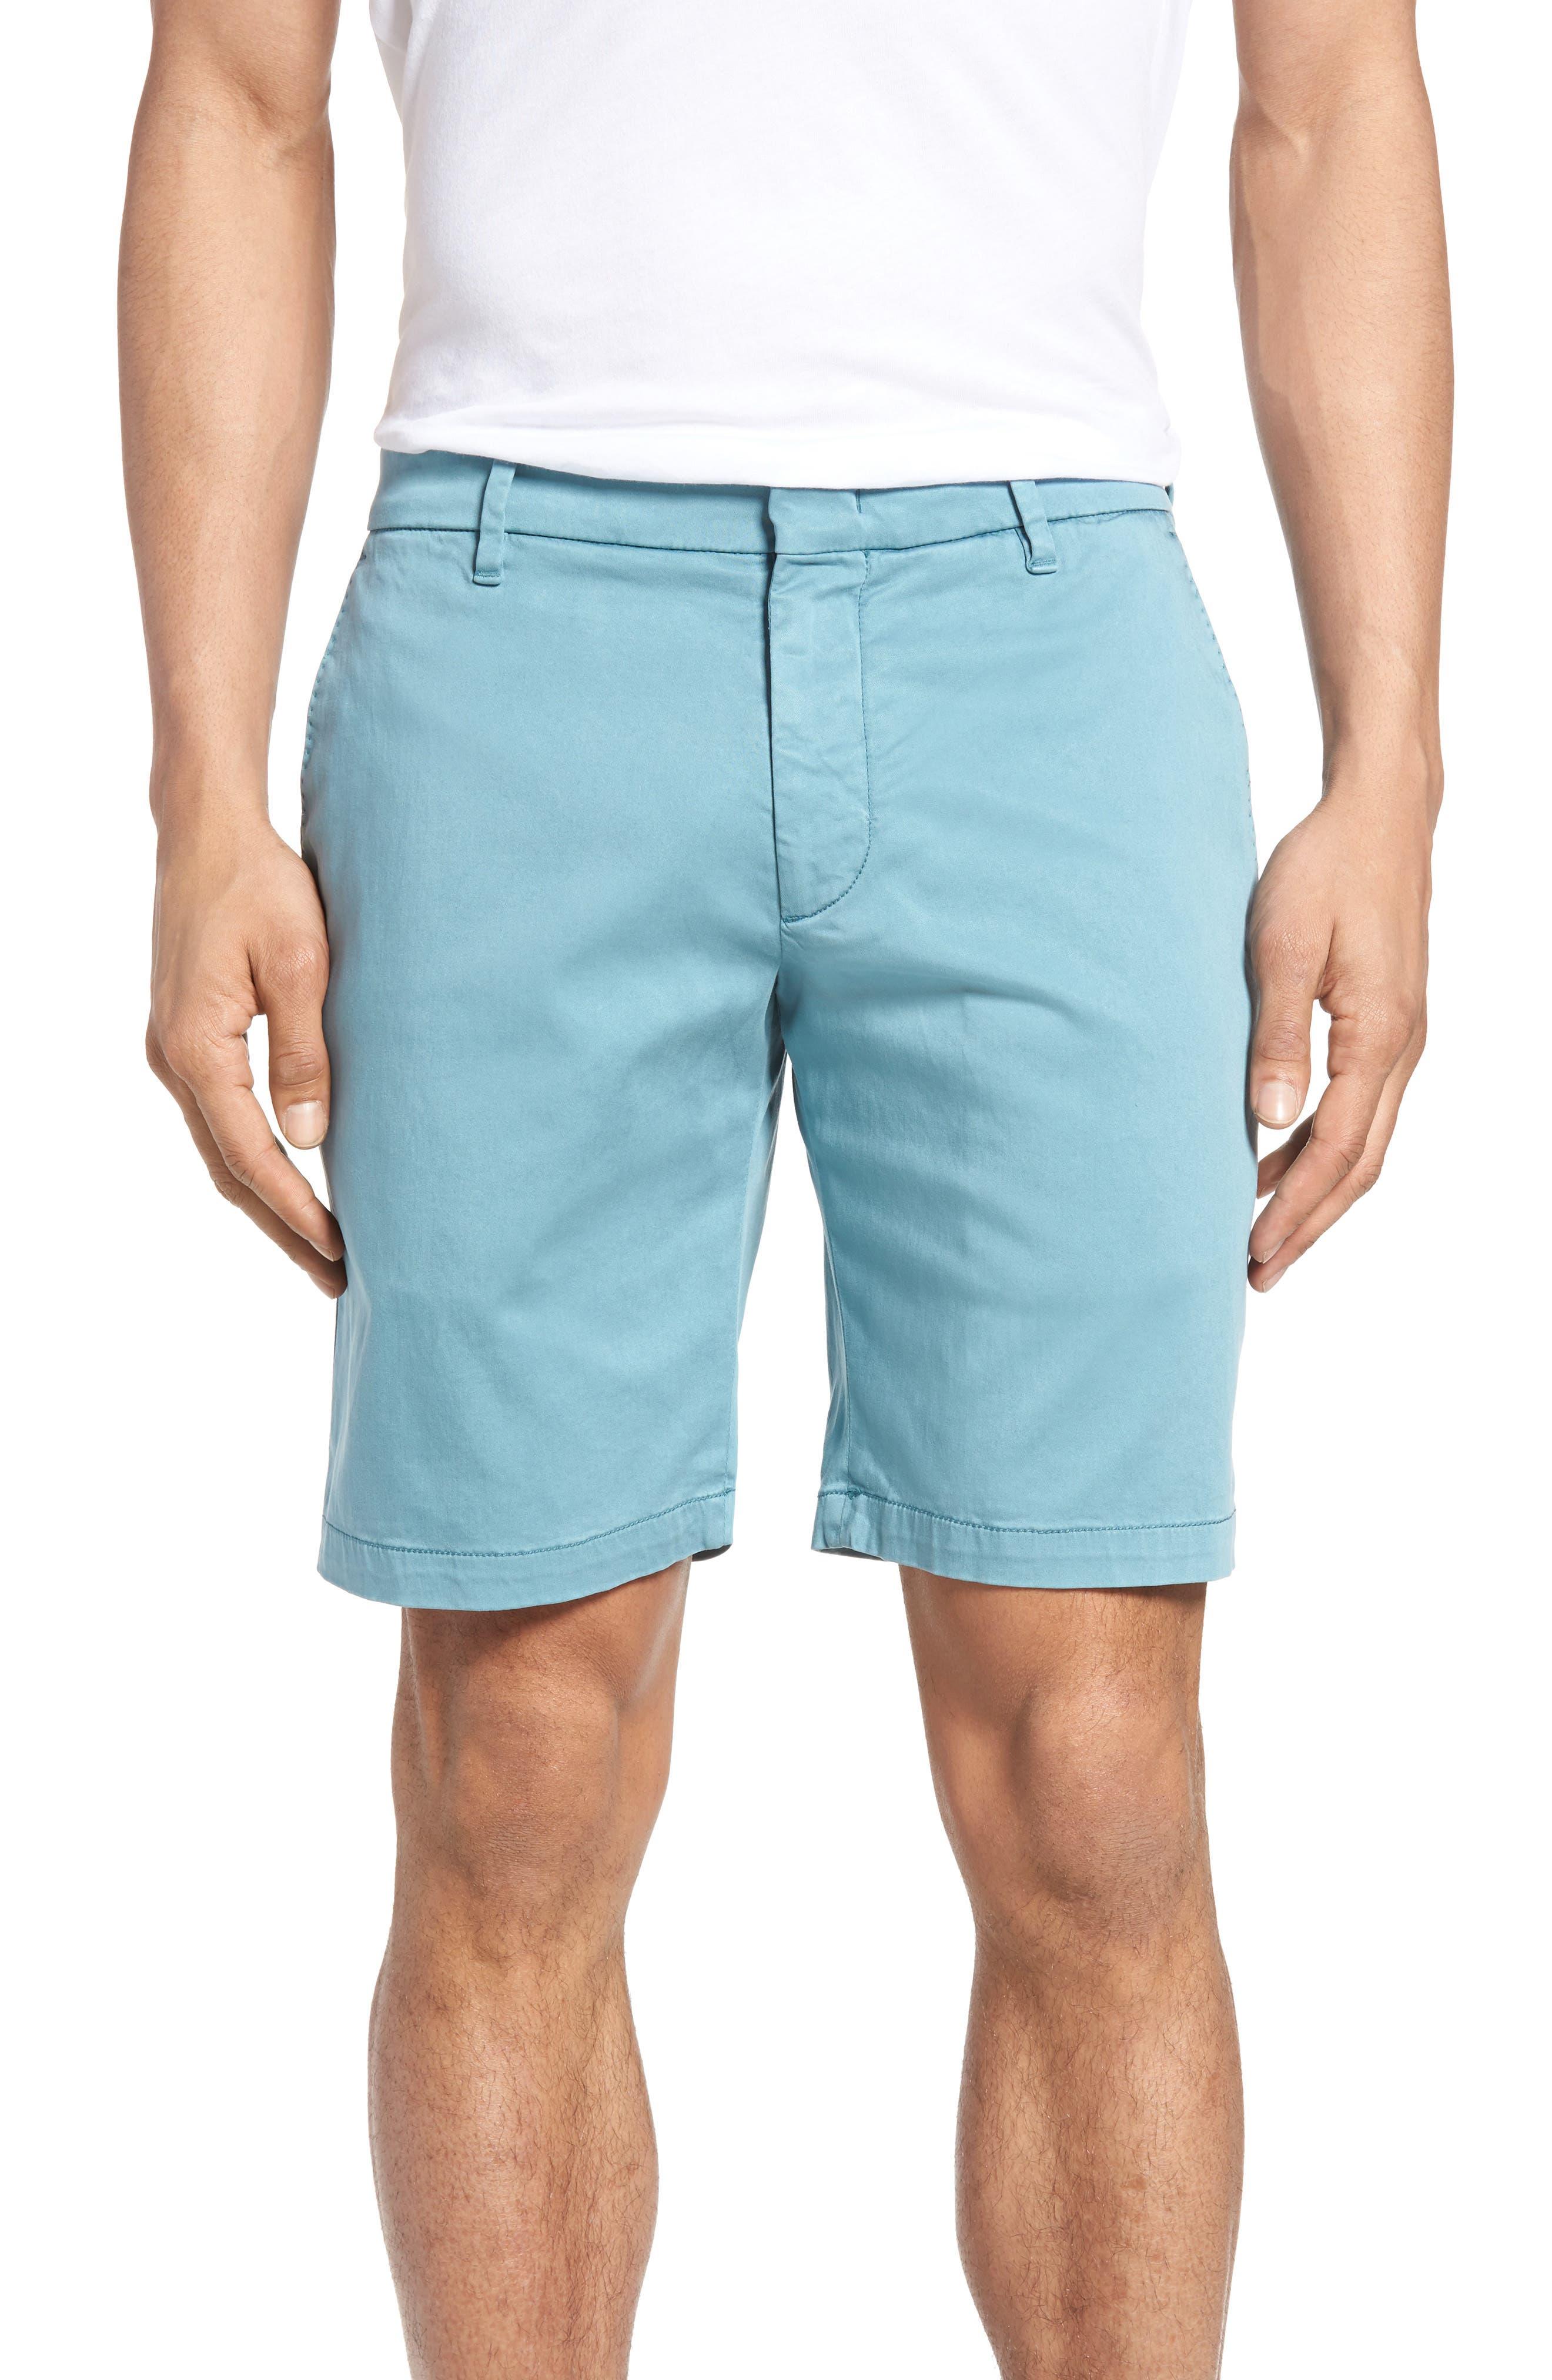 Catalpa Shorts,                             Main thumbnail 1, color,                             Teal